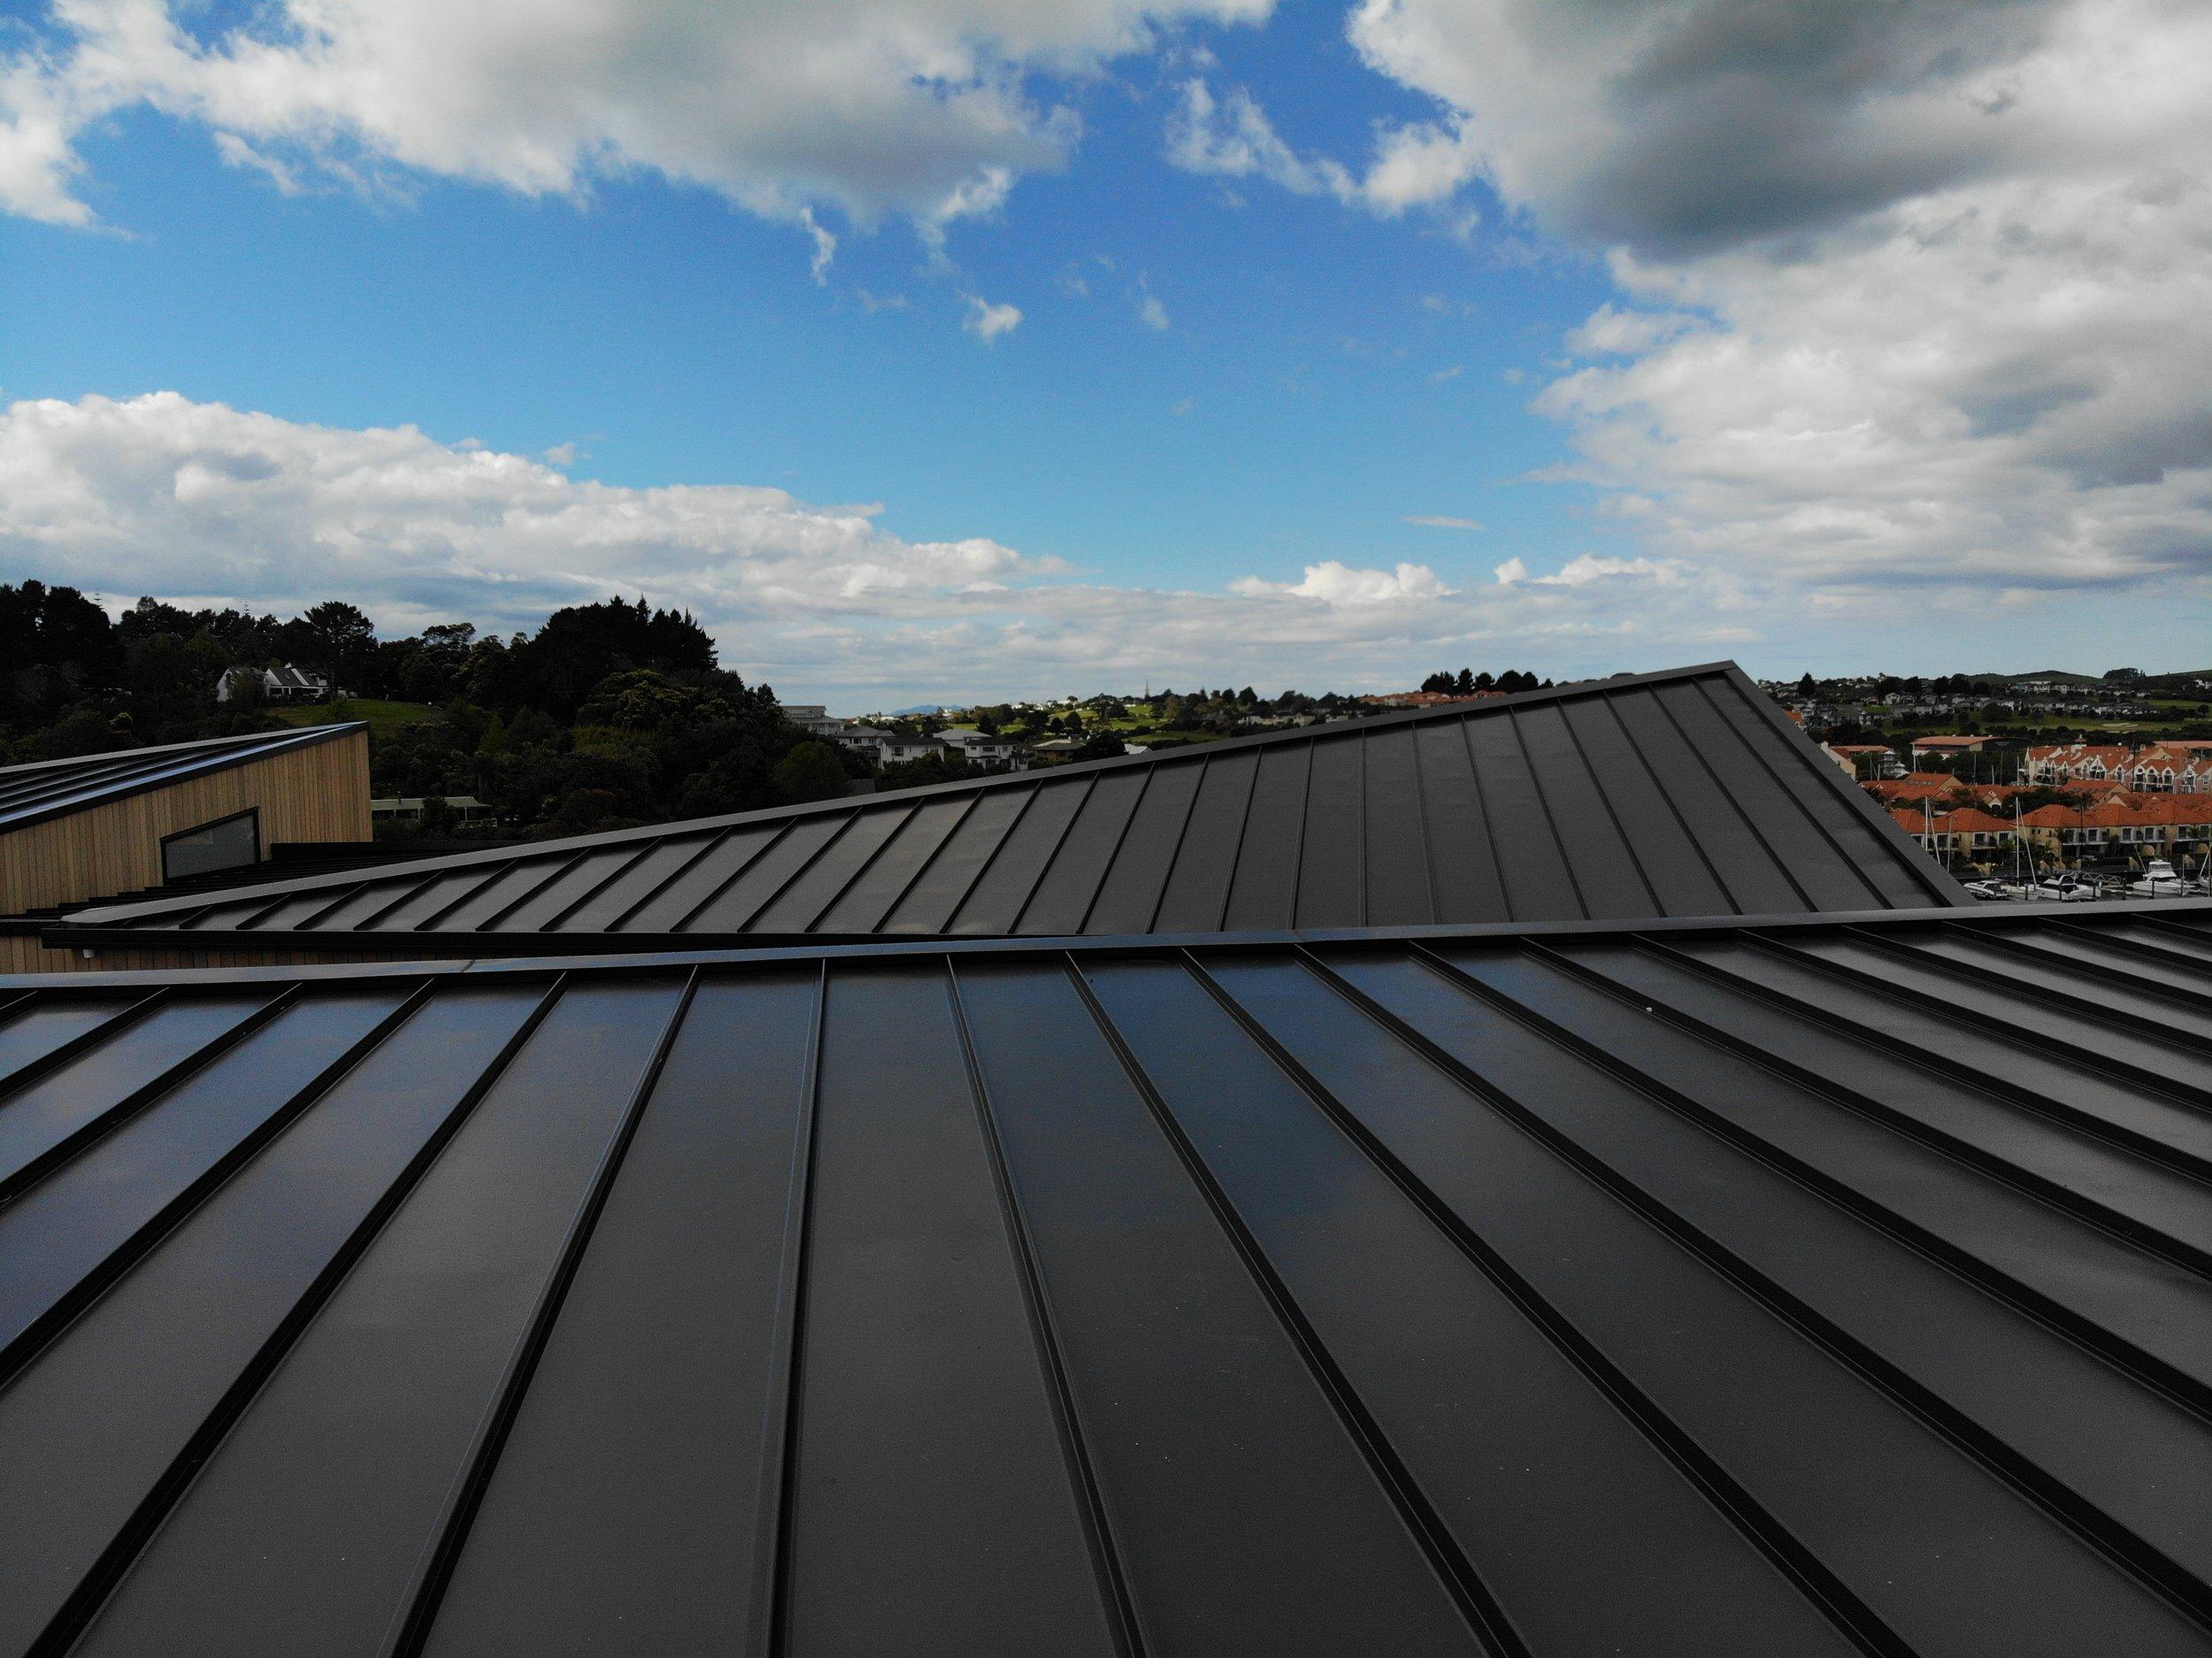 The-Roofing-Store-Steel-Metal-Super-Seam-540-Raven-8.jpg.jpg